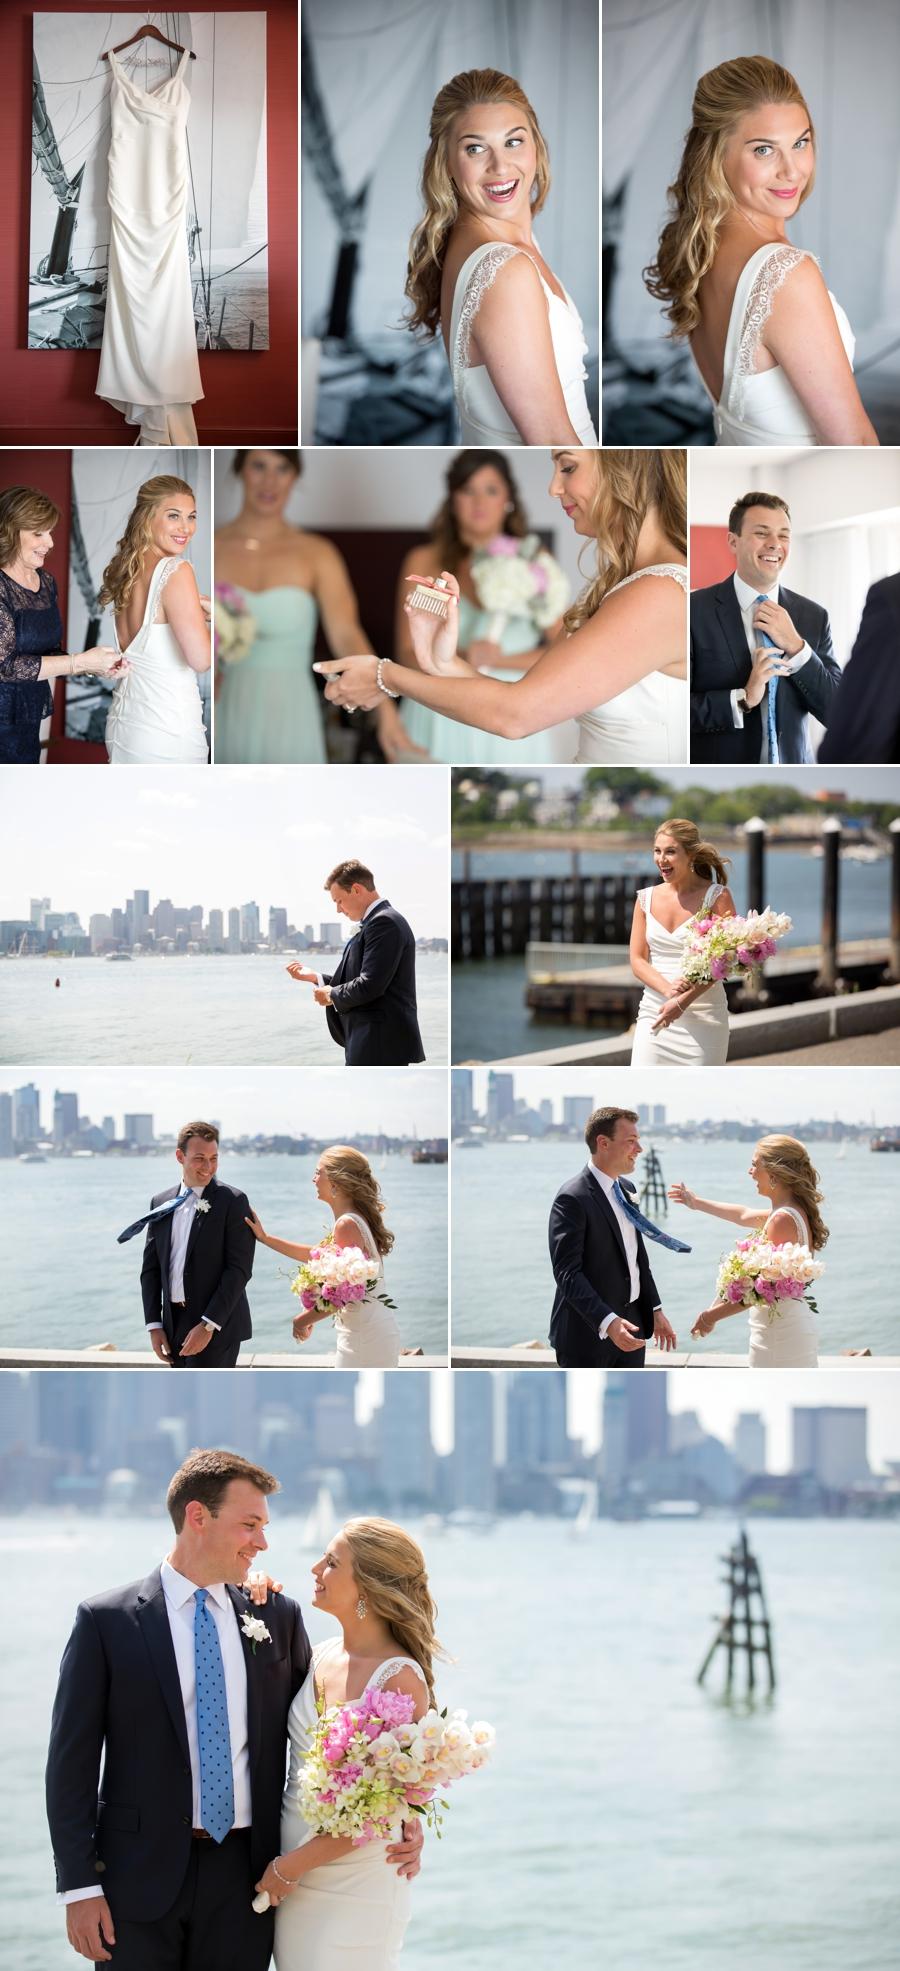 Wedding_Photos_Getting_Ready